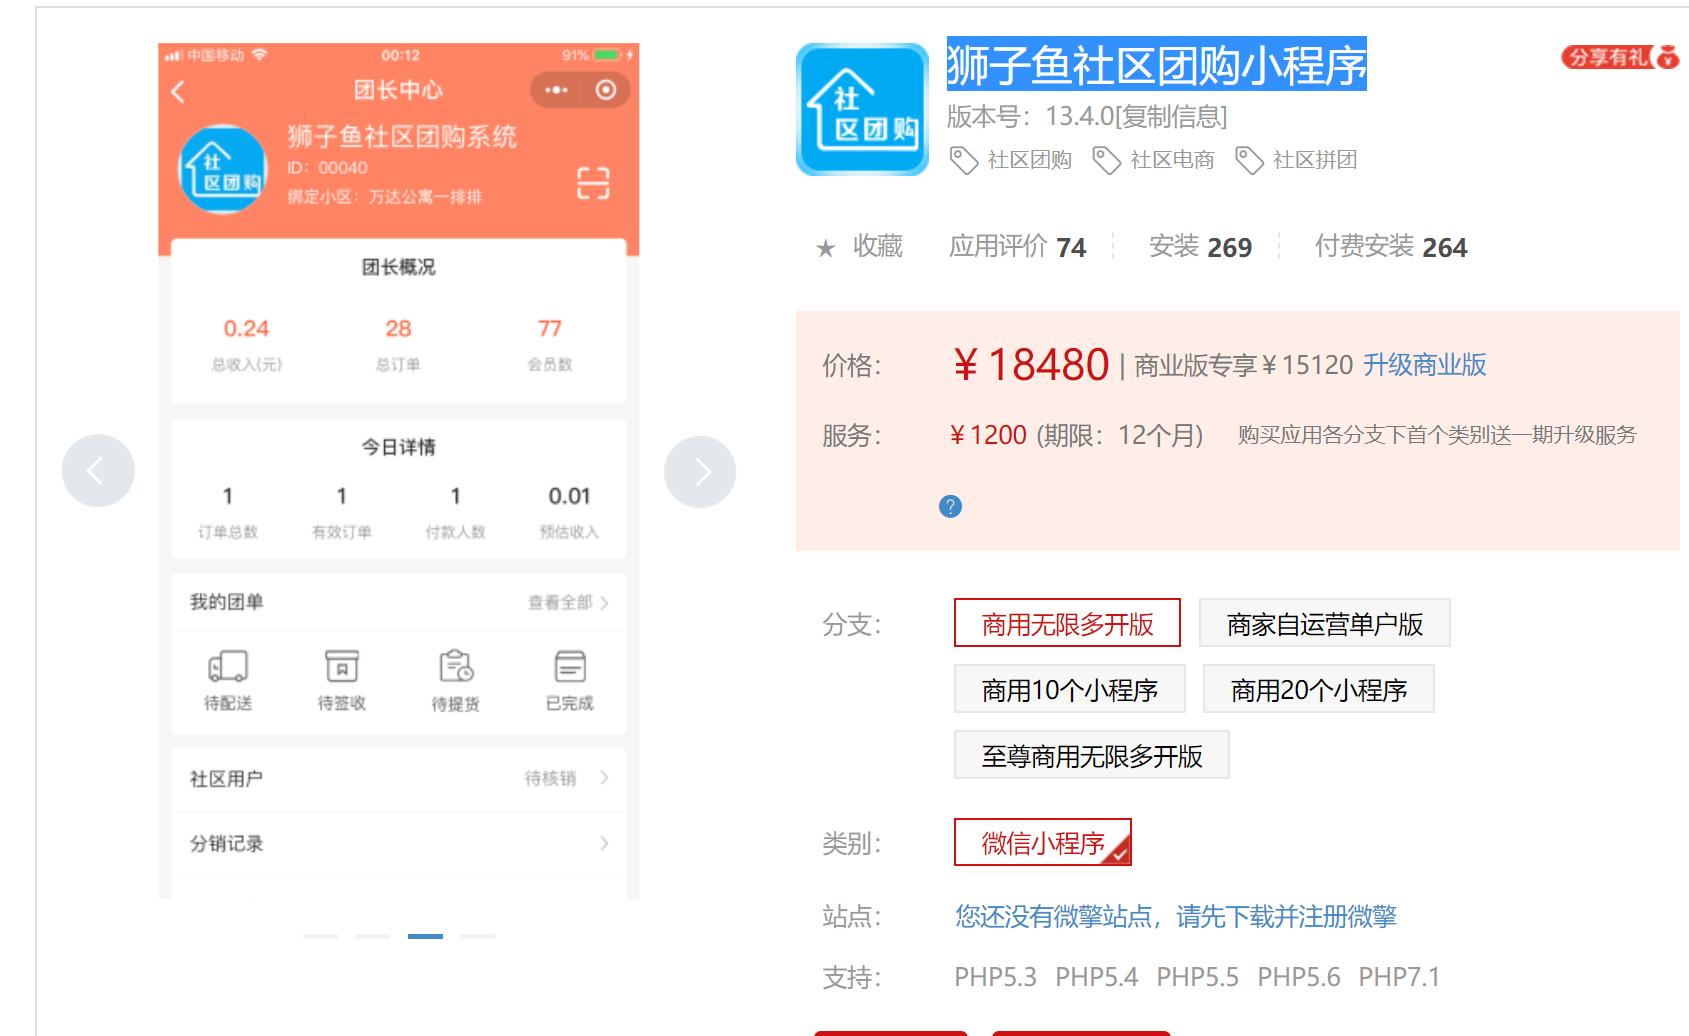 微擎狮子鱼社区团购小程序v13.4.0最新版